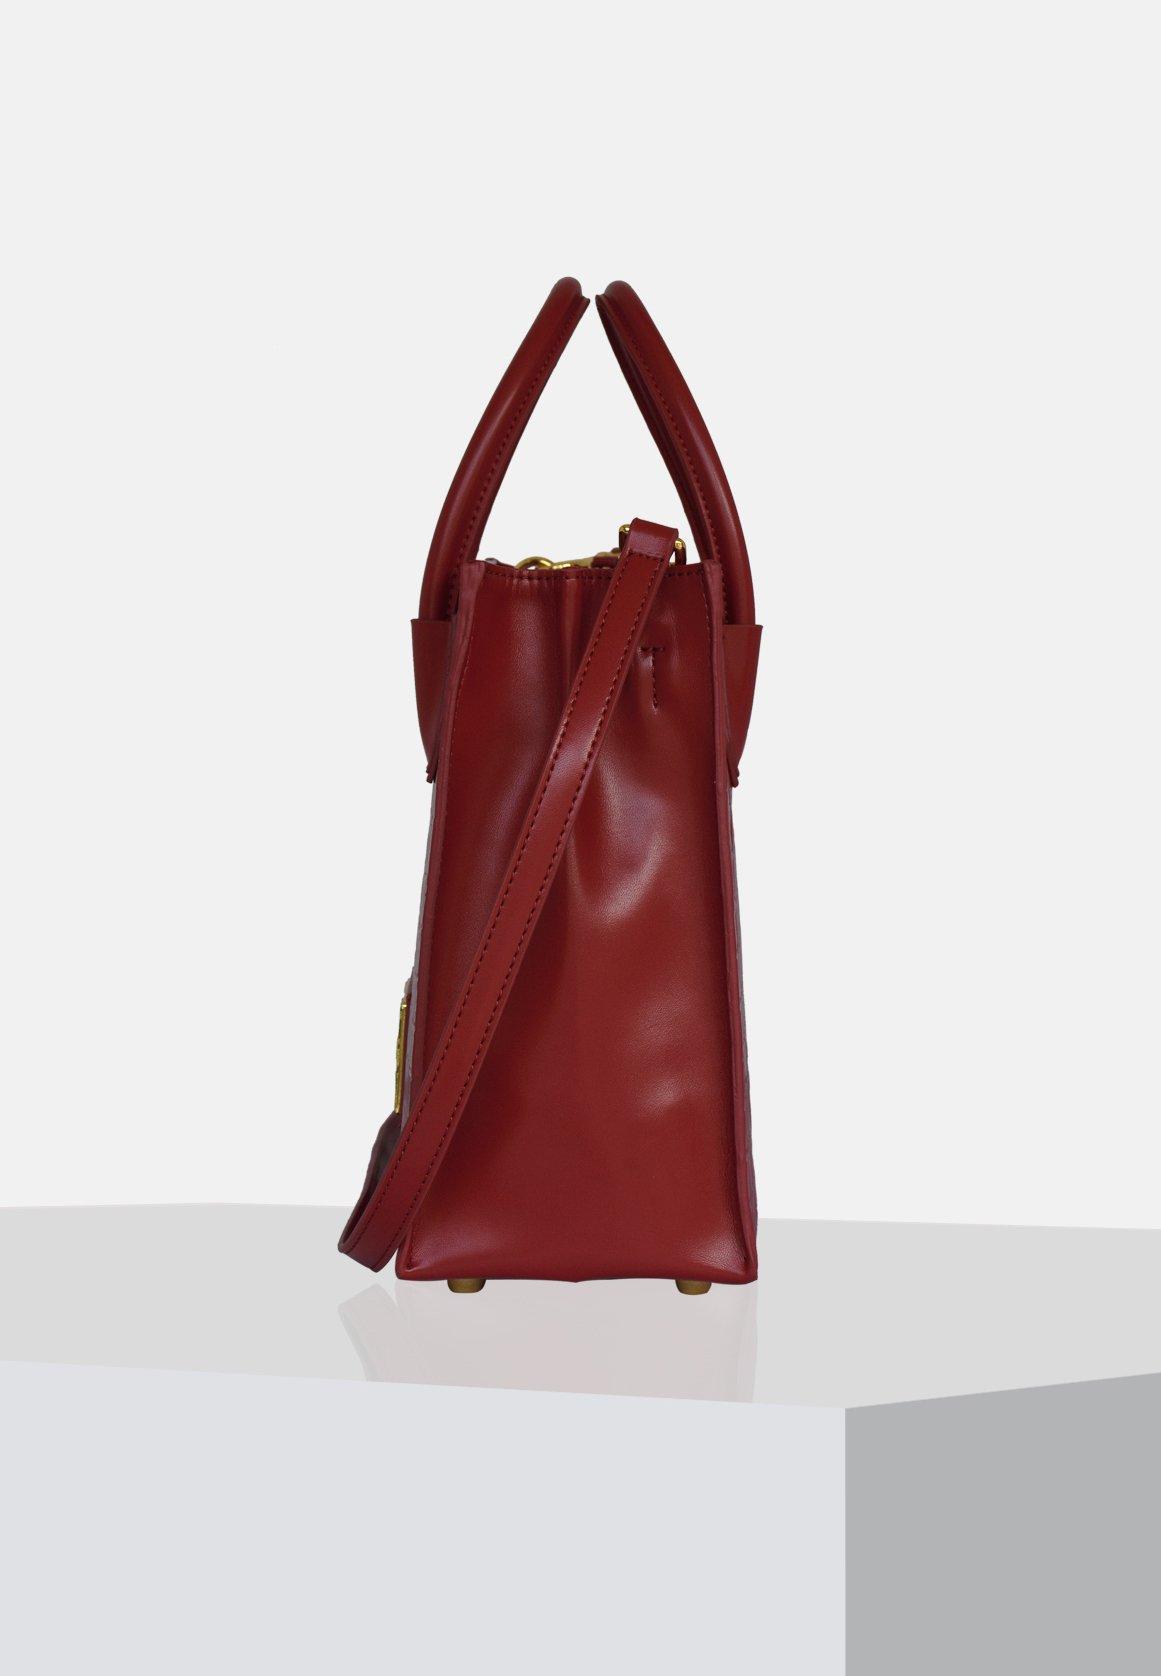 Silvio Tossi Håndtasker - Burgundy